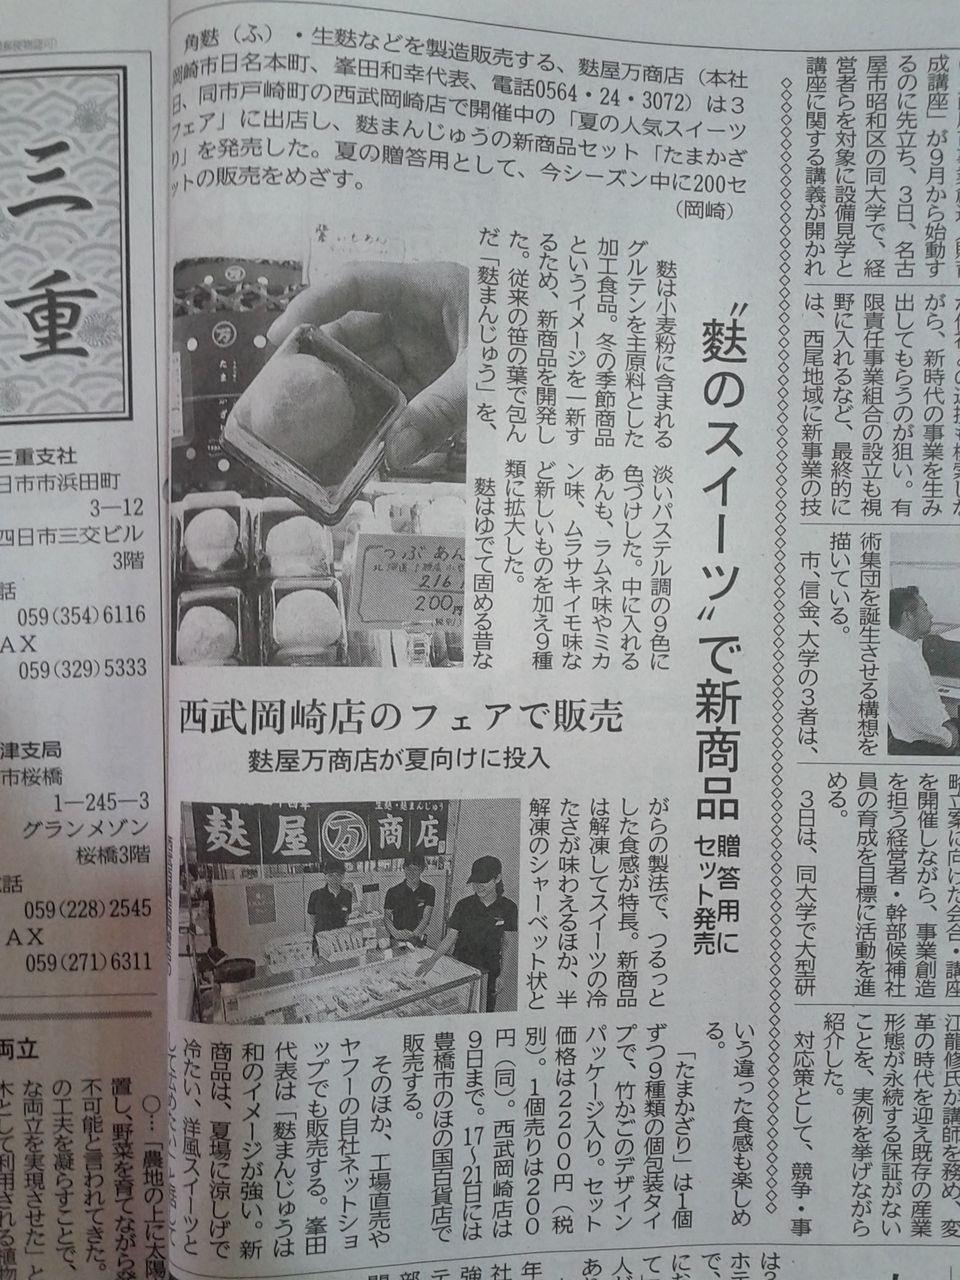 160804中部経済新聞_麩屋万様たまかざり-2